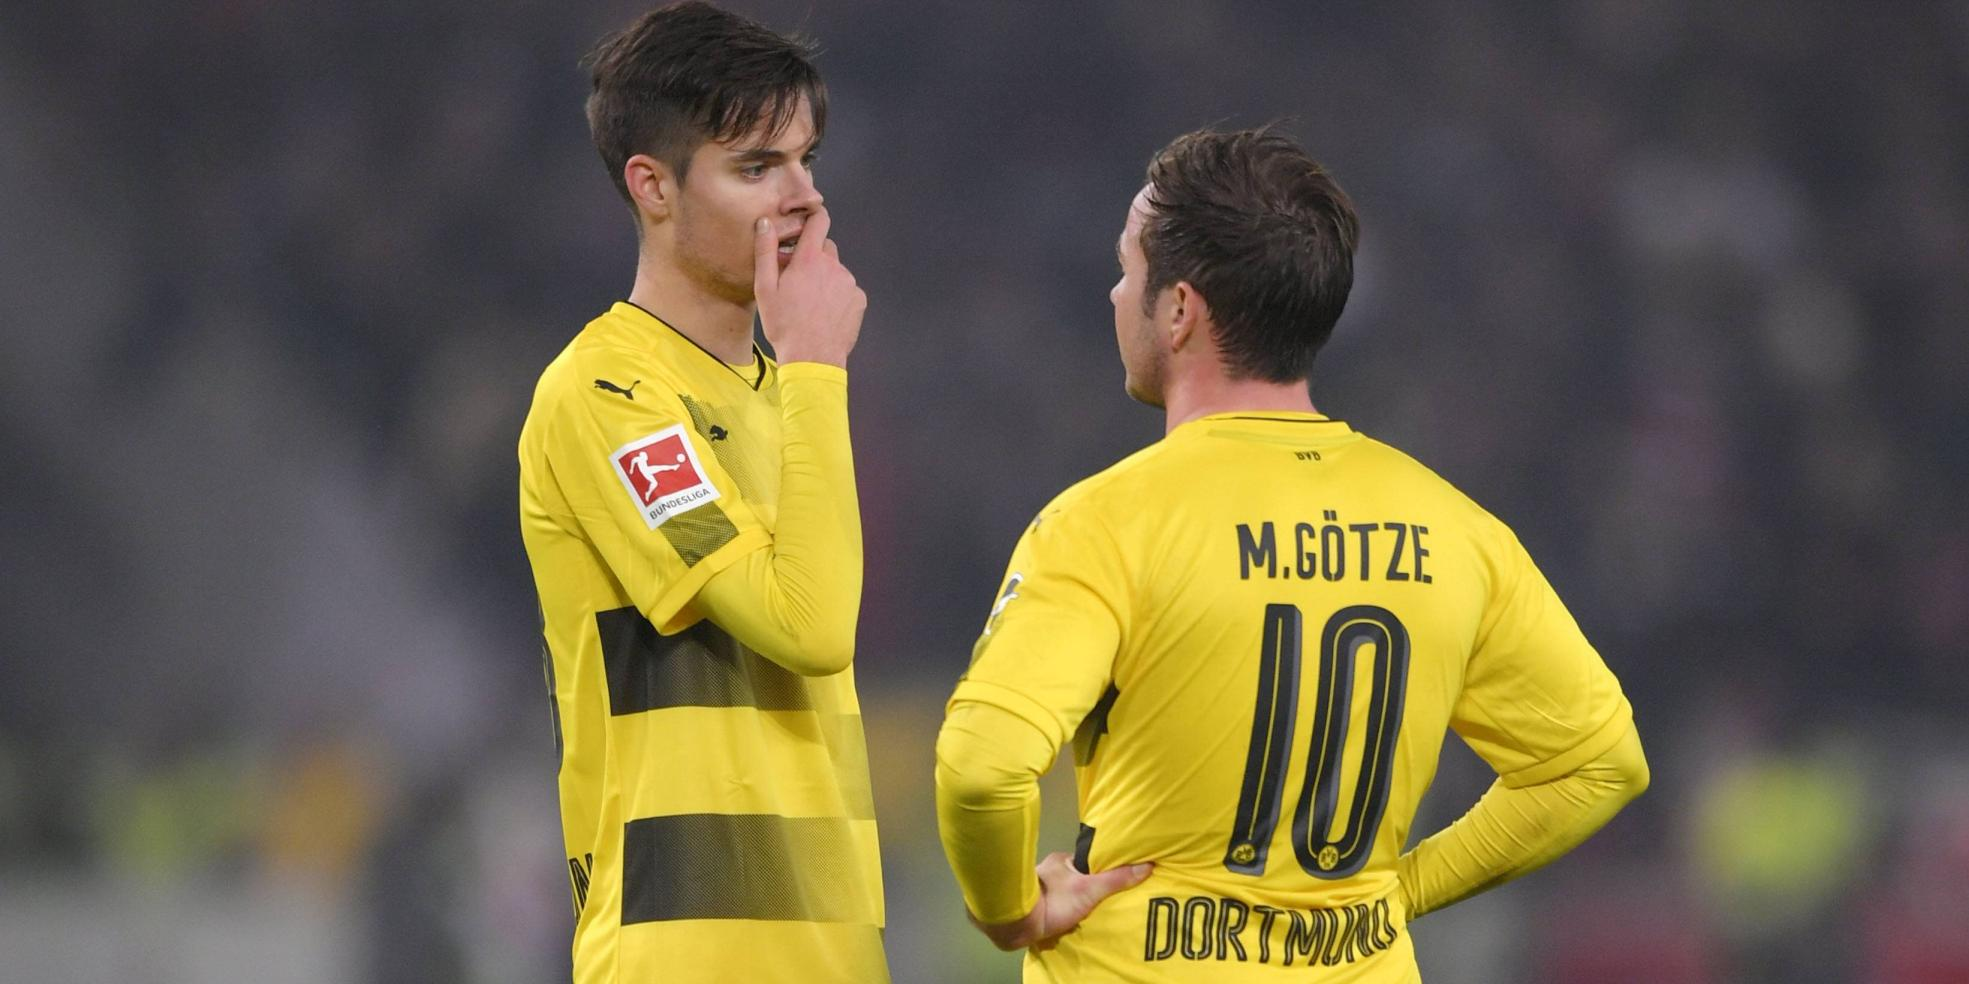 Julian Weigl und Mario Götze von Borussia Dortmund